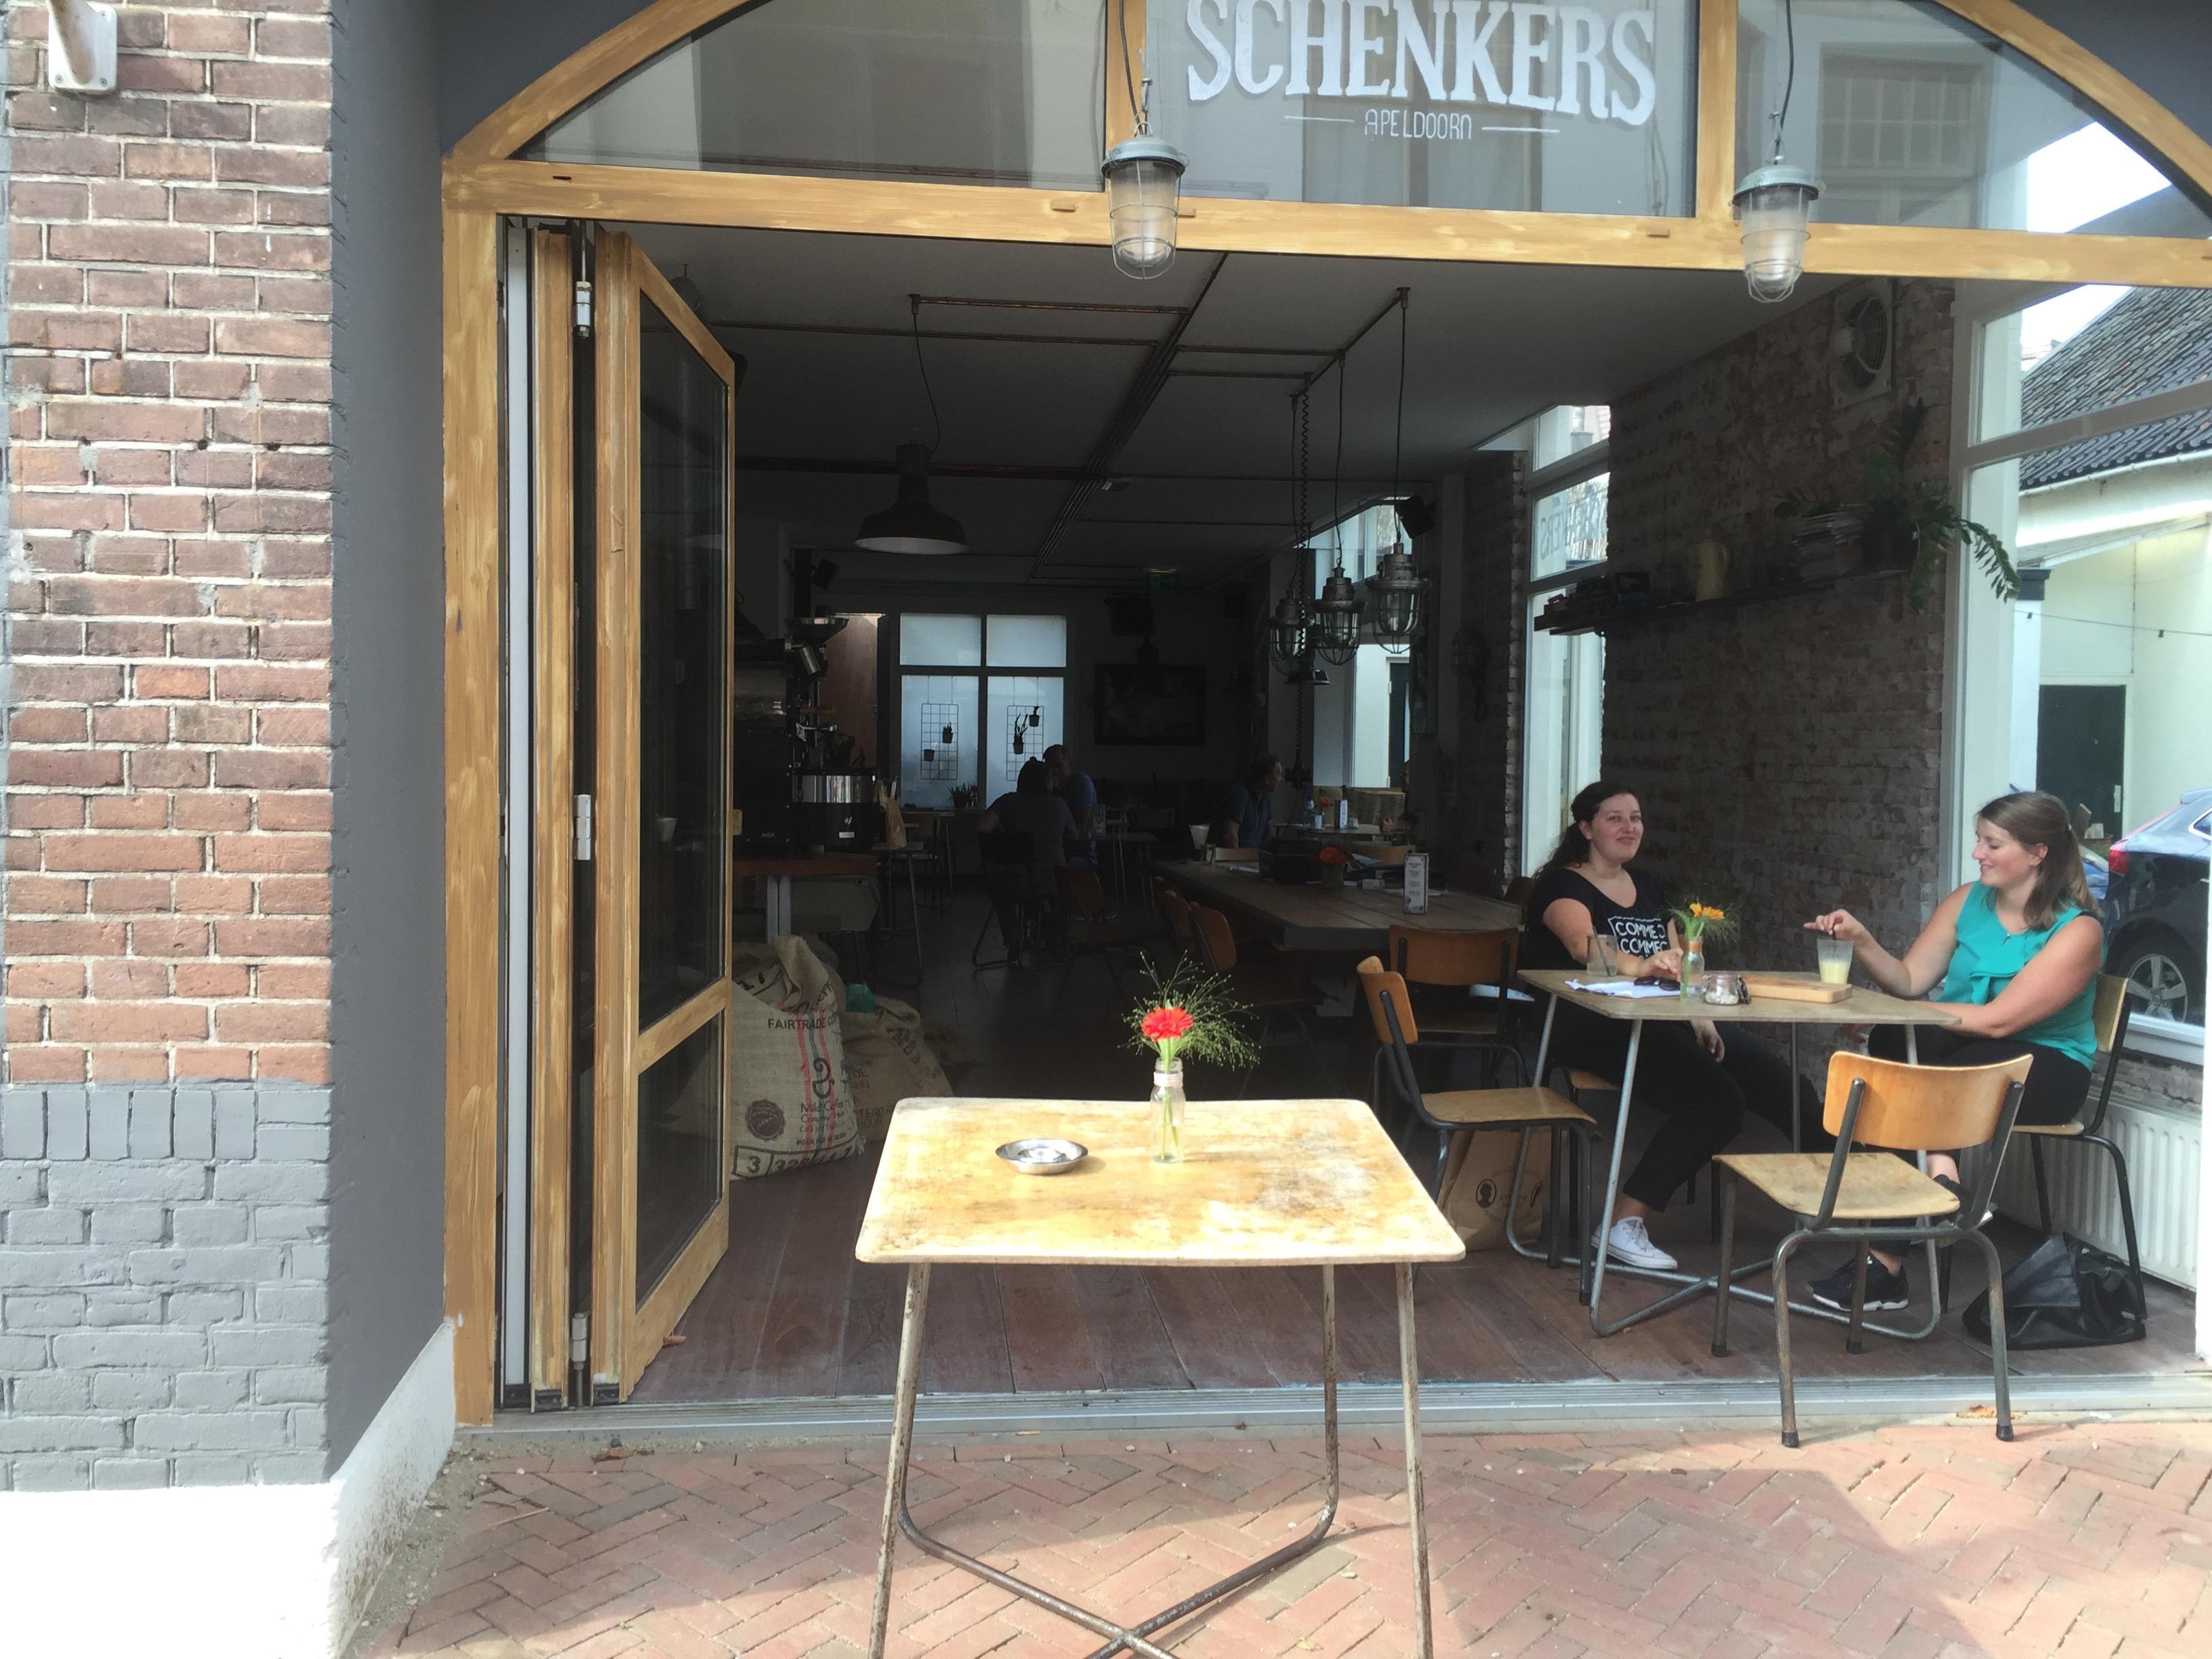 Schenkers